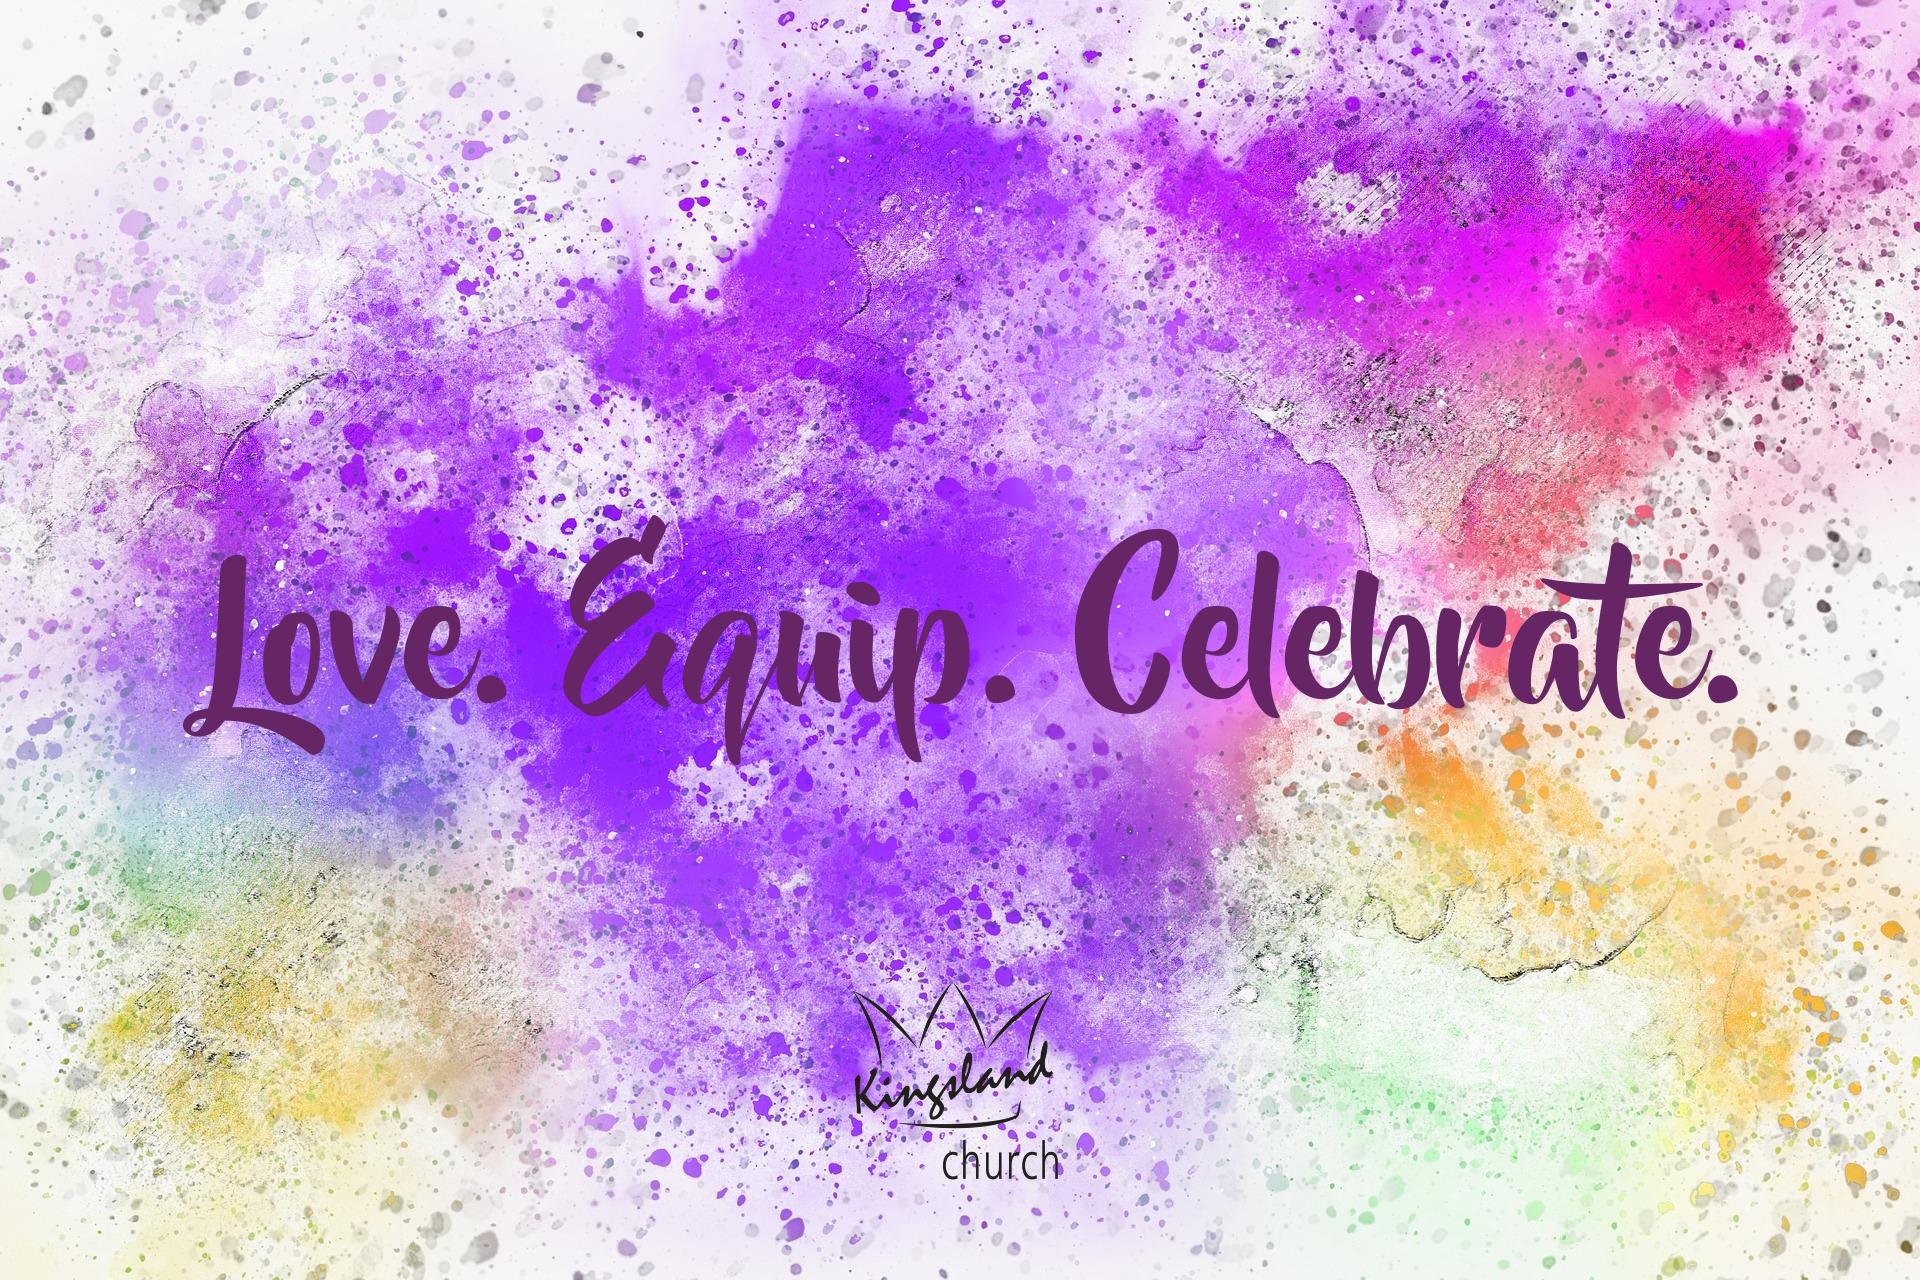 Love Equip Celebrate